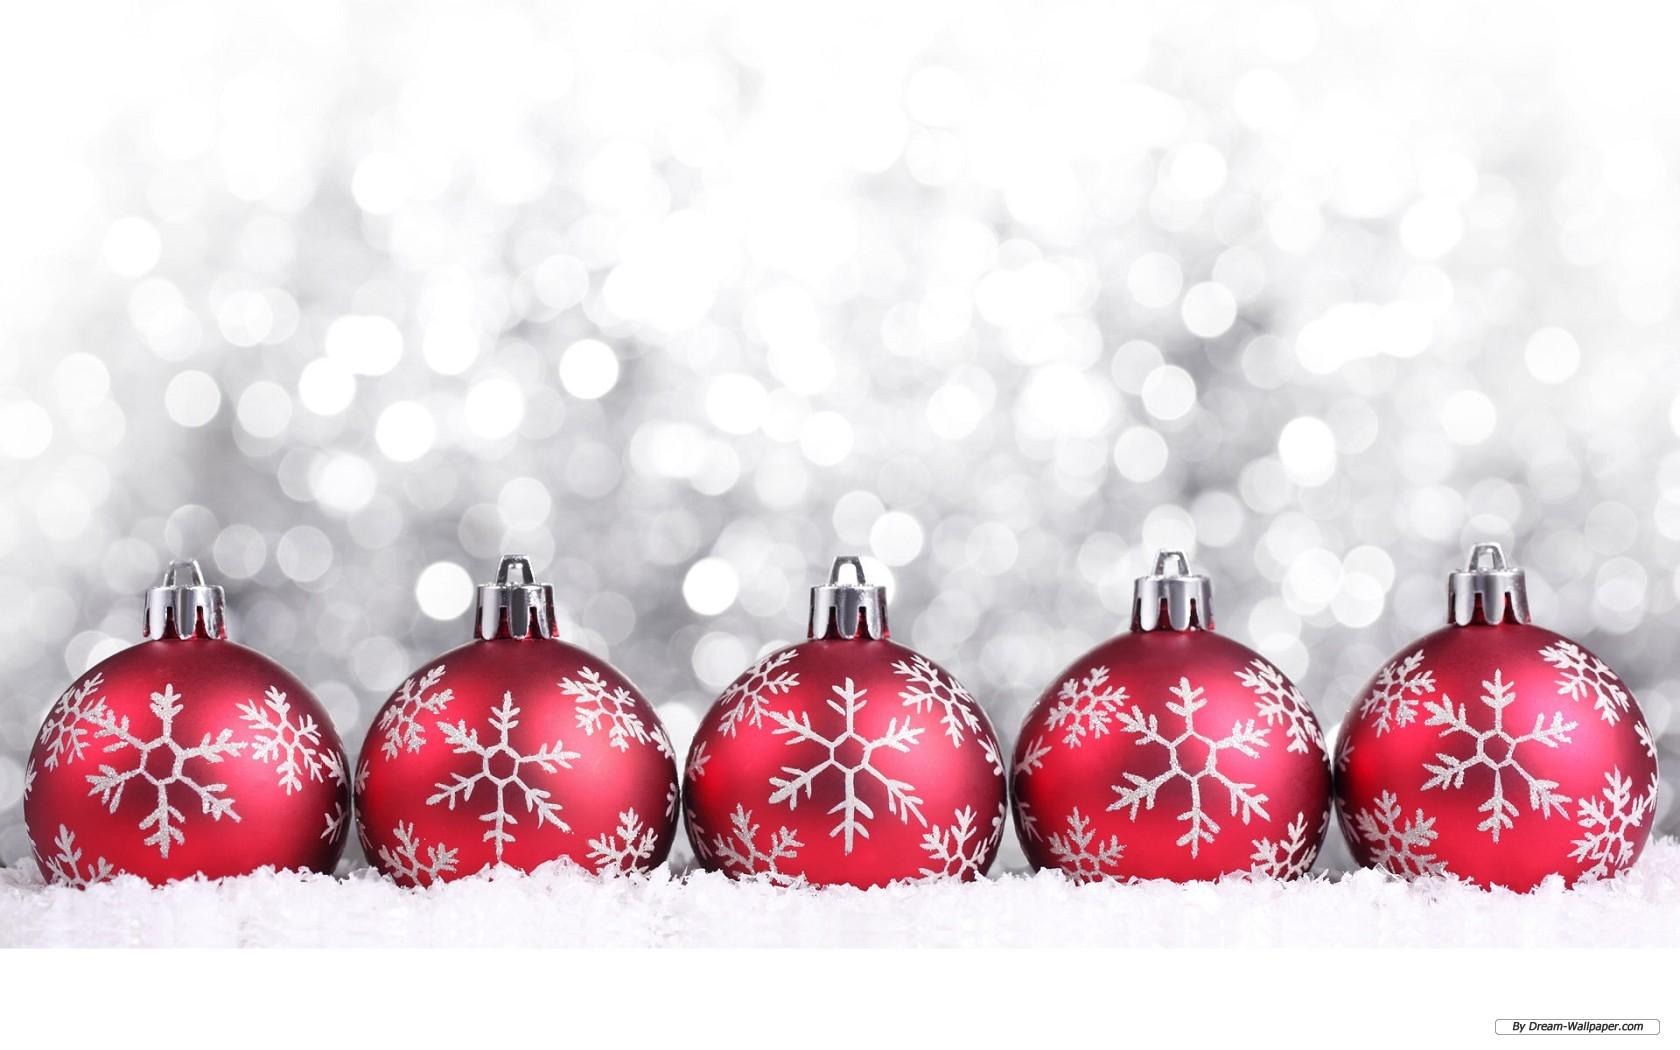 Wallpaper   Holiday wallpaper   Christmas Ornaments 5 1680x1050